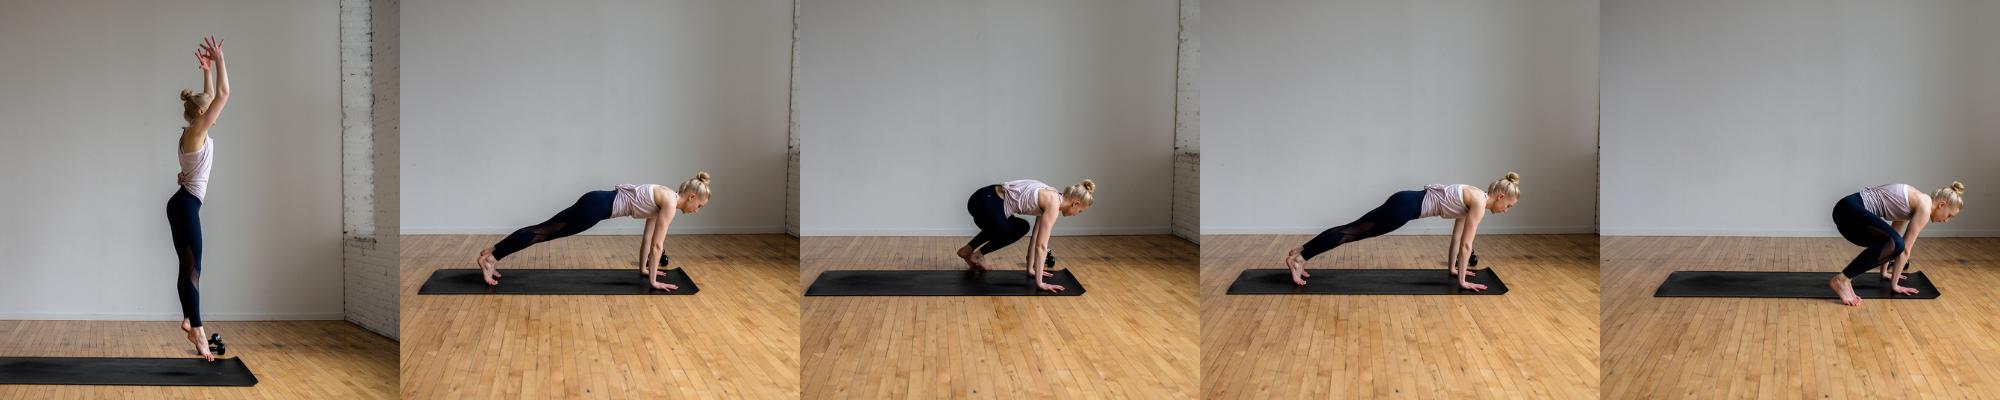 Oblique Tuck Burpees, Burpees, Yoga Sculpt Circuit, Home Workout, Define Fettle, Fitness Blogger